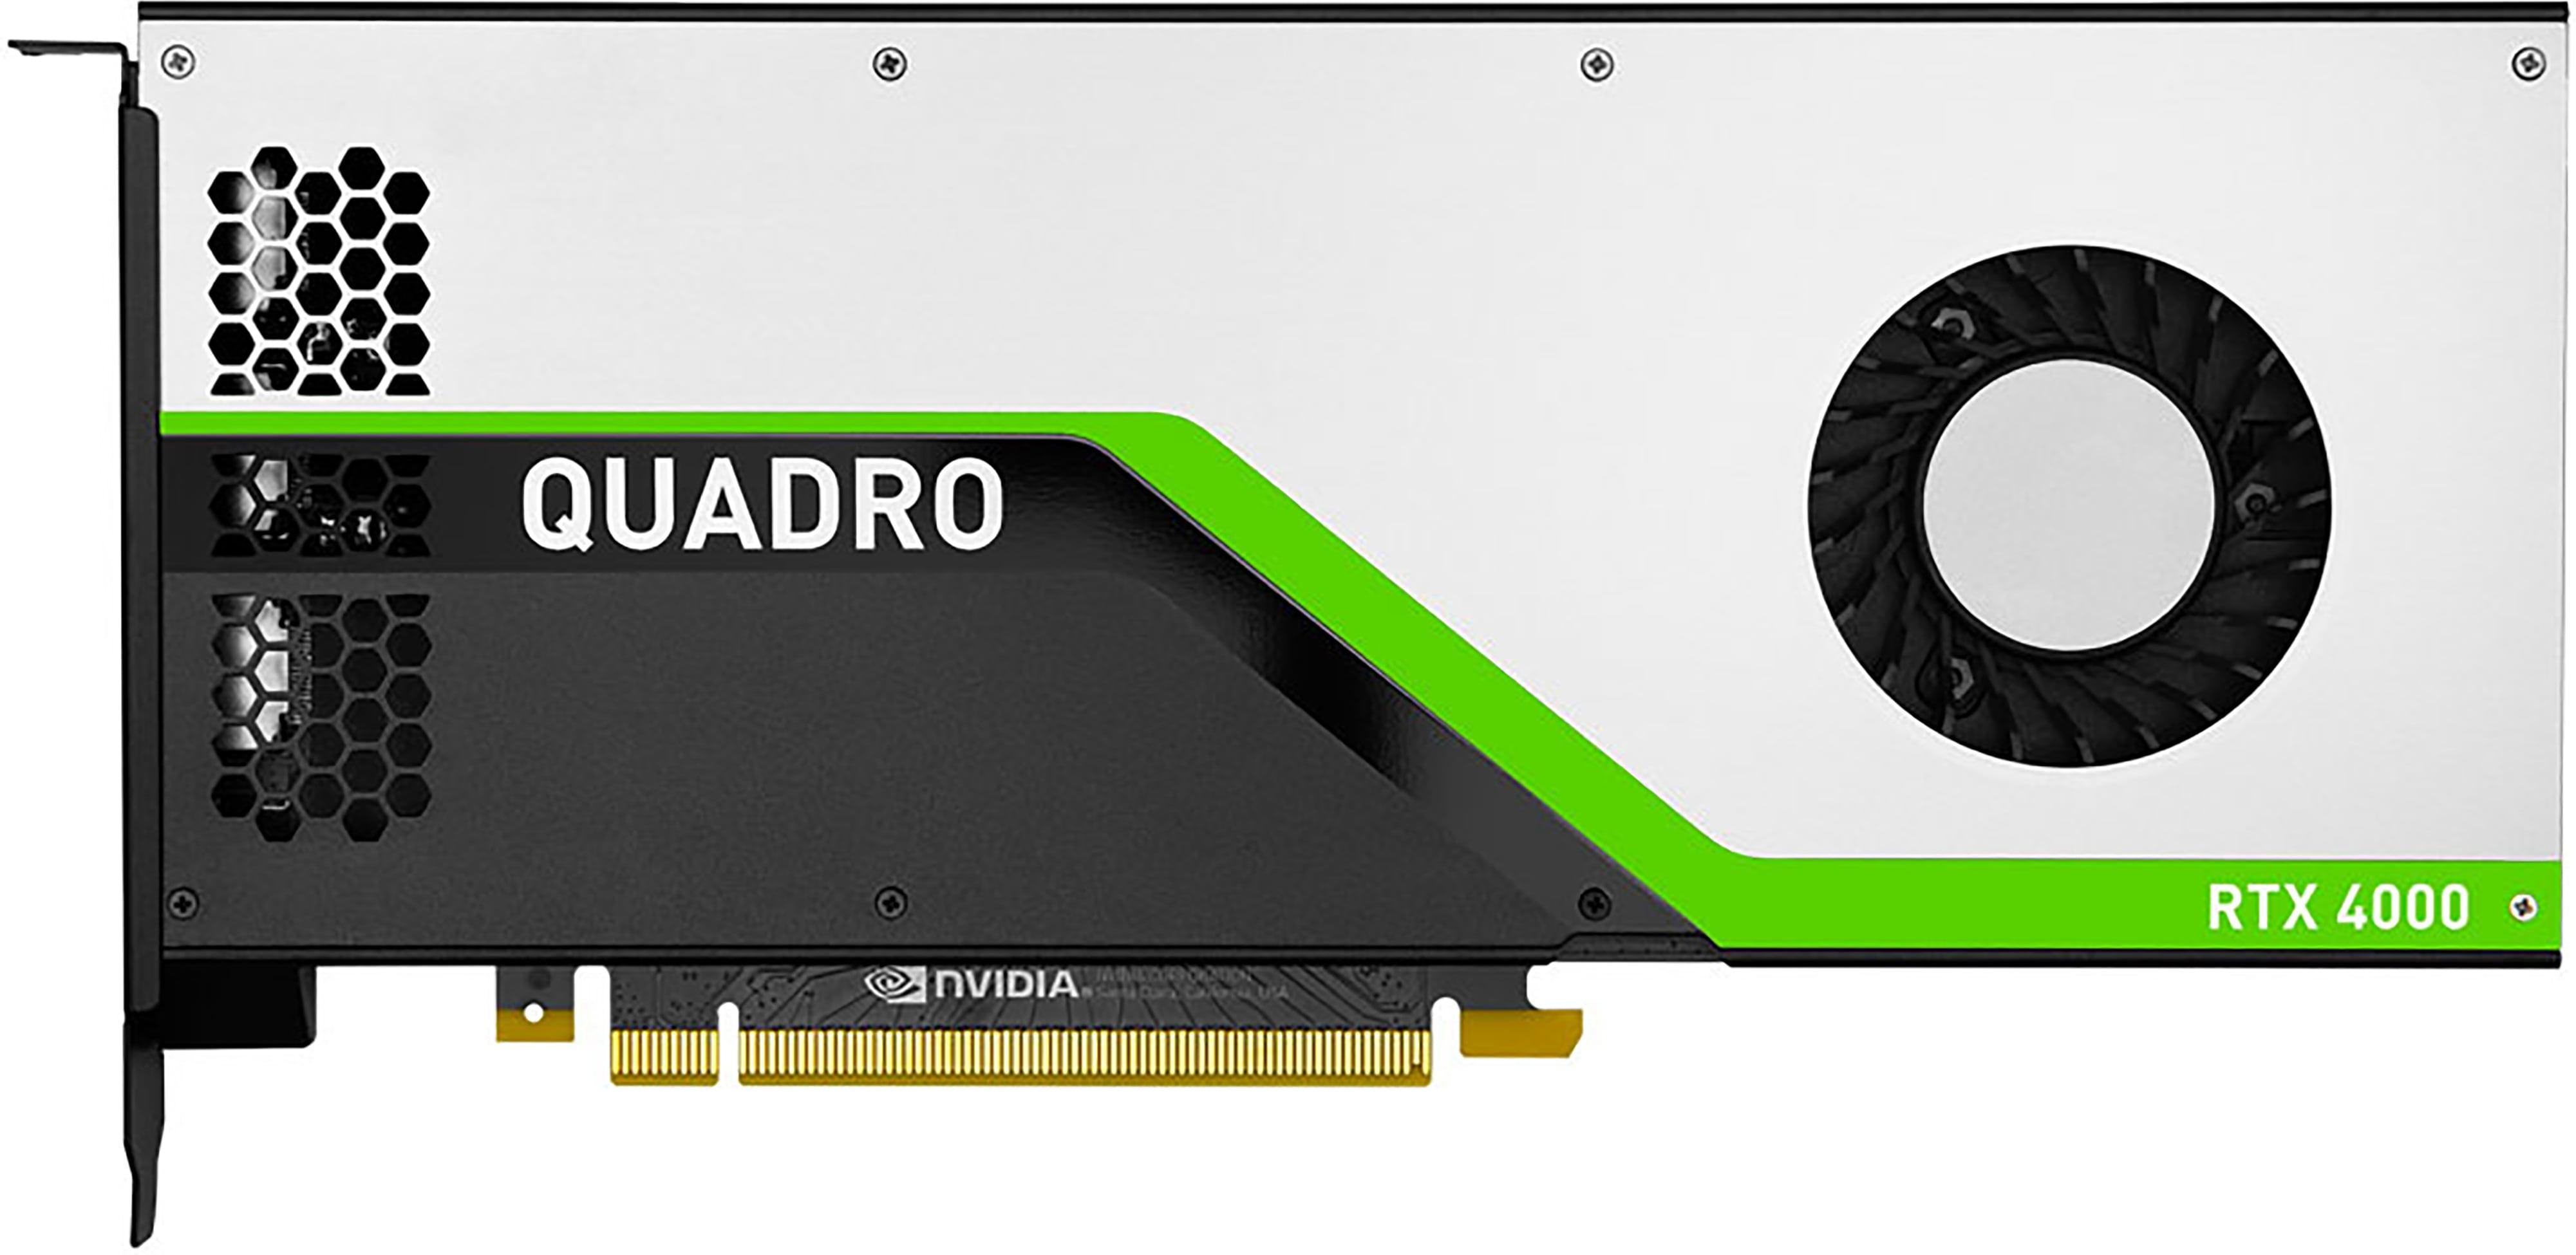 4490592-HP NVIDIA Quadro RTX 4000 8 GB [3]DP+USBc GDDR6 (HP NVIDIA Quadro RTX 40